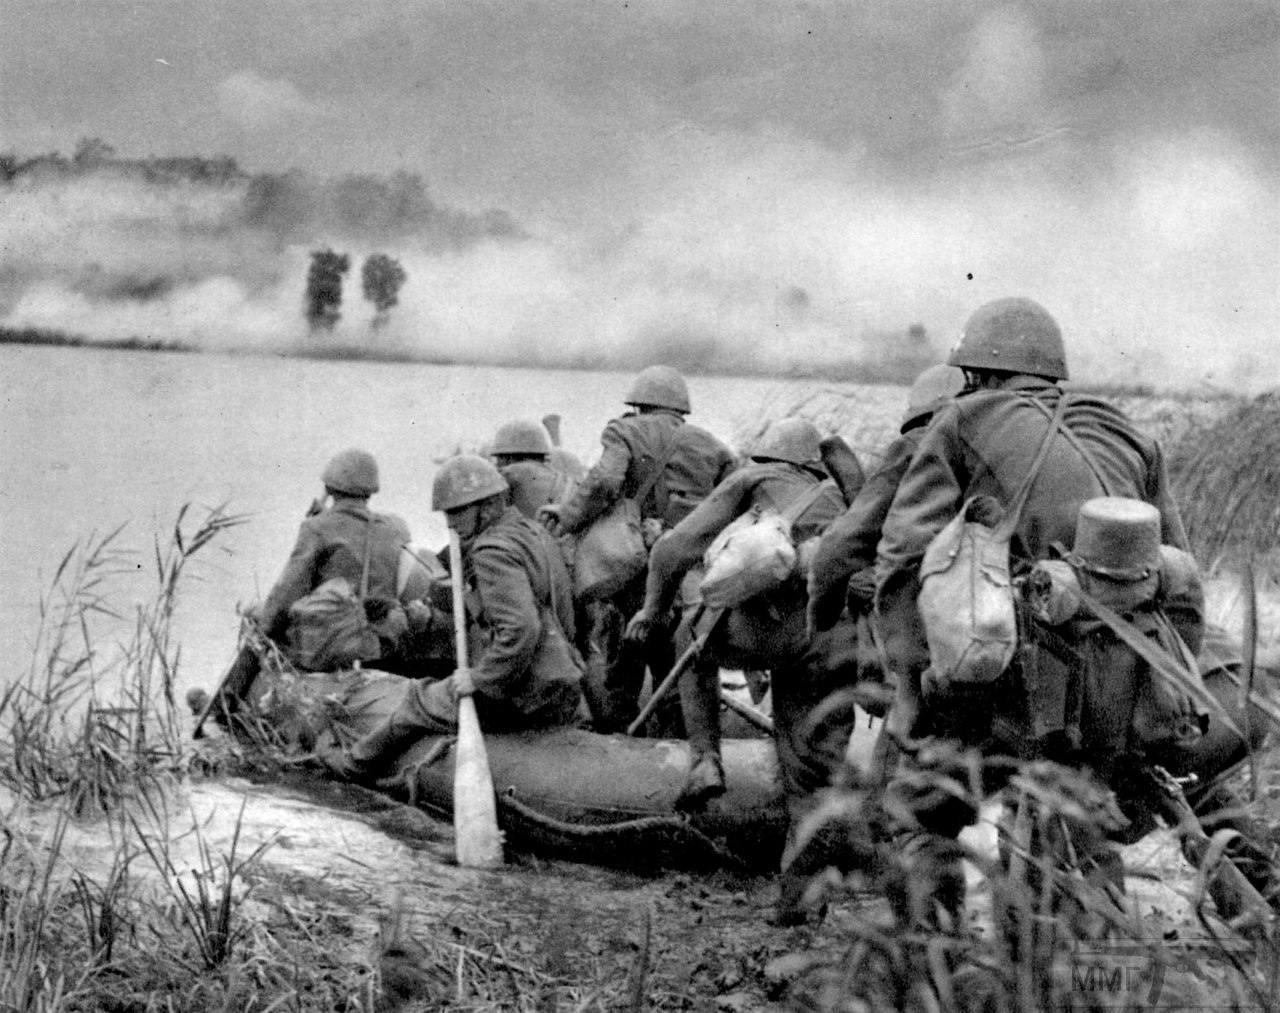 21450 - Военное фото 1941-1945 г.г. Восточный фронт.